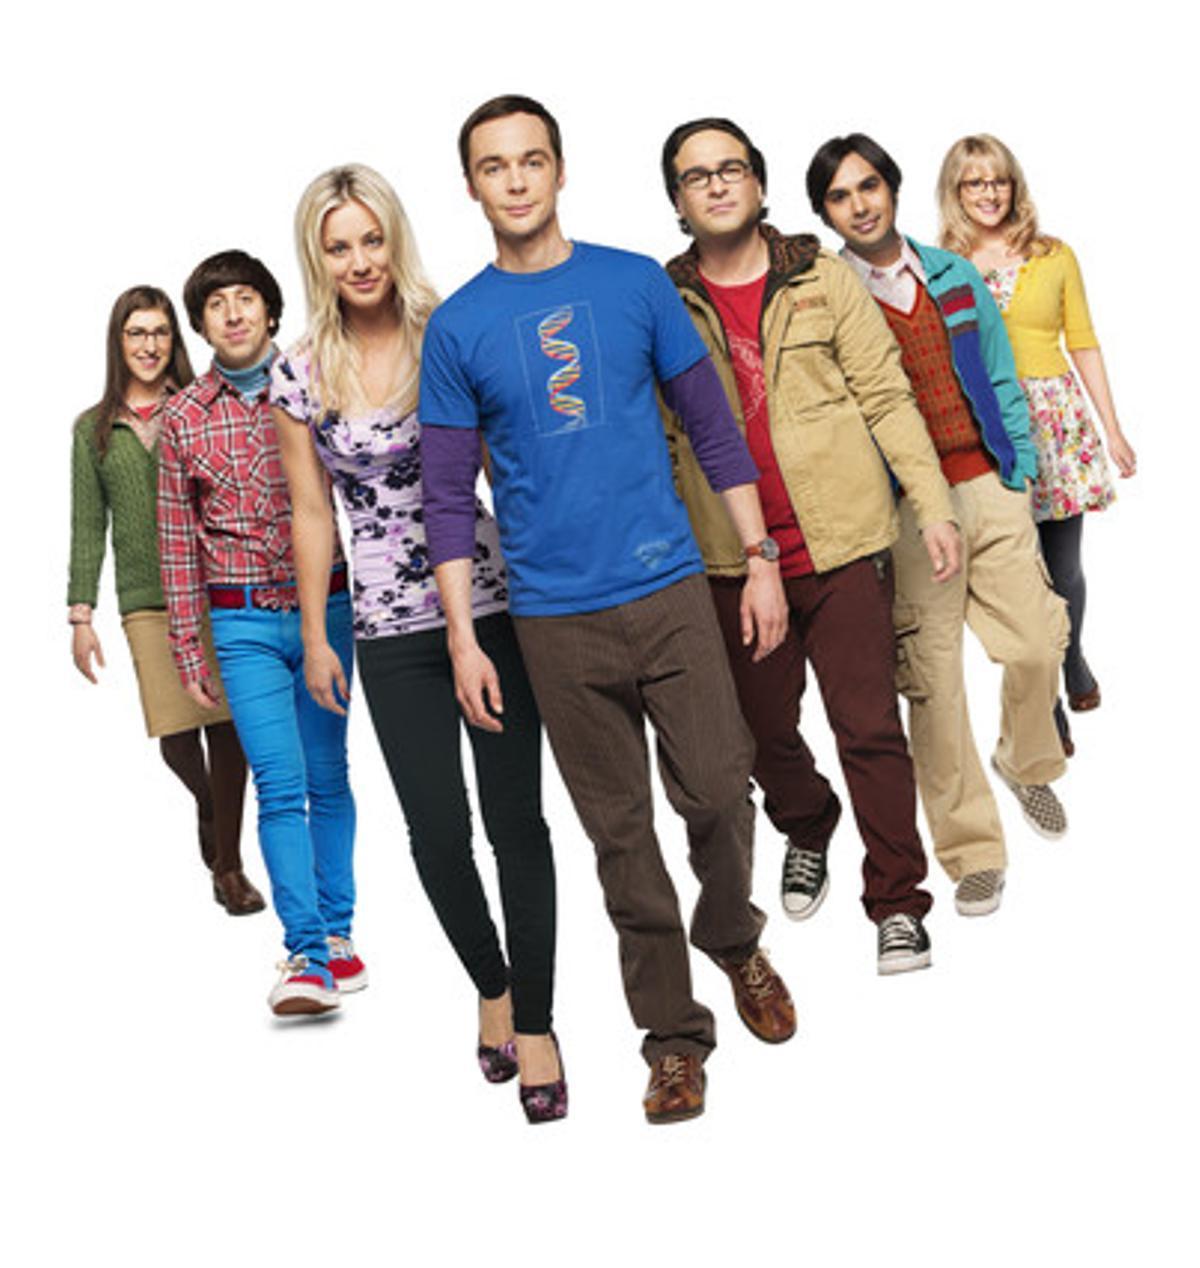 Protagonistas de la serie 'The Big Bang Theory'.